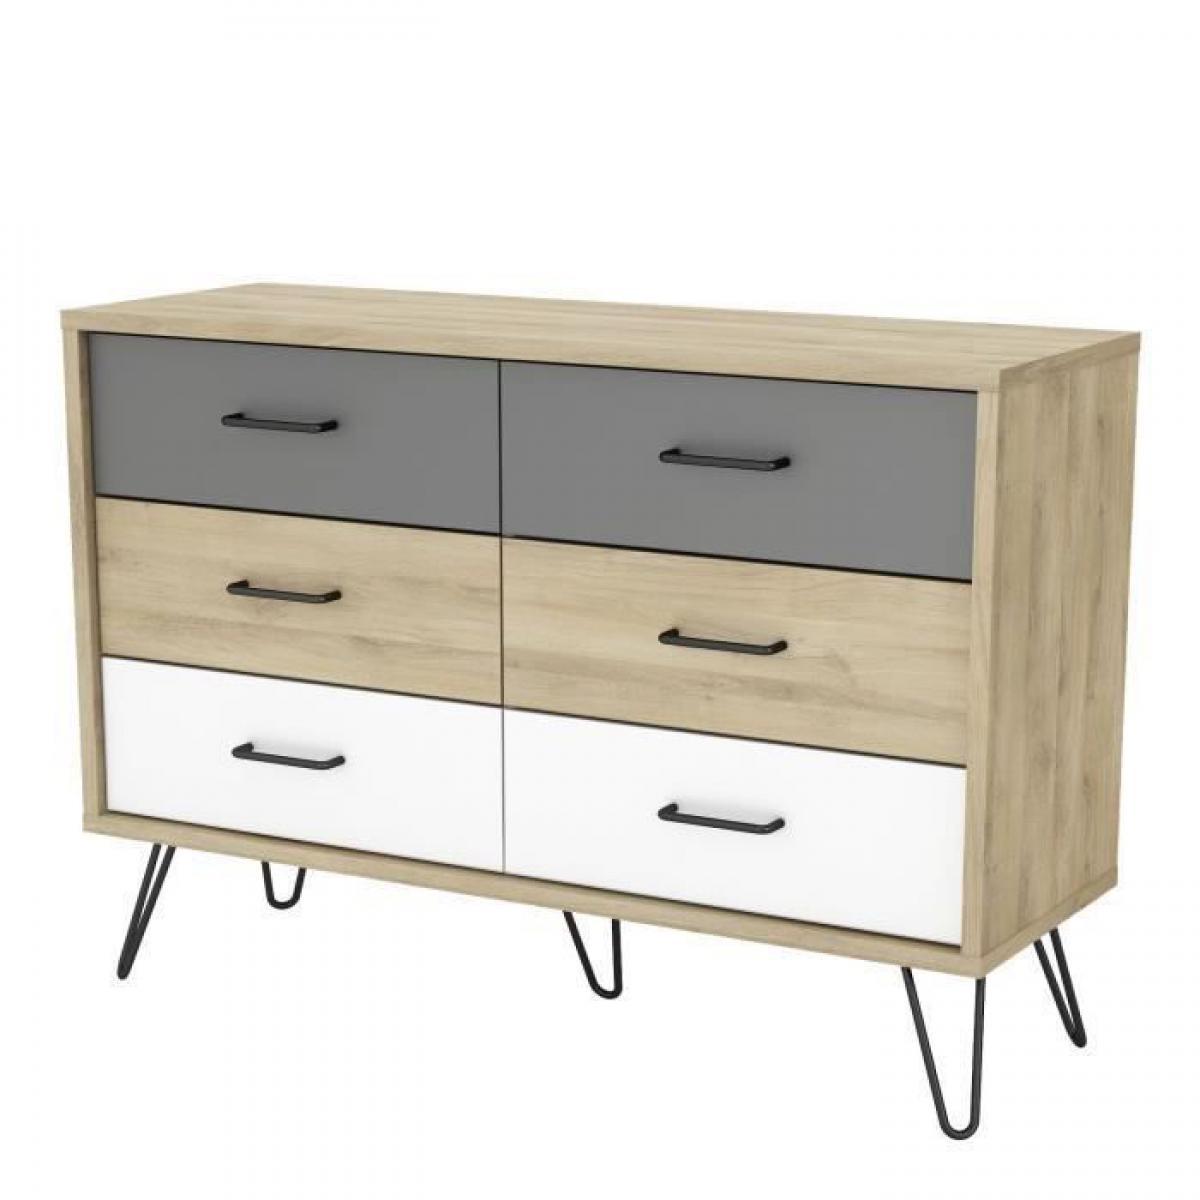 Sans Marque FILEA Commode 6 tiroirs - Decor chene kronberg blanc et gris - L 116,7 x P 42,3 x H 81,5 cm